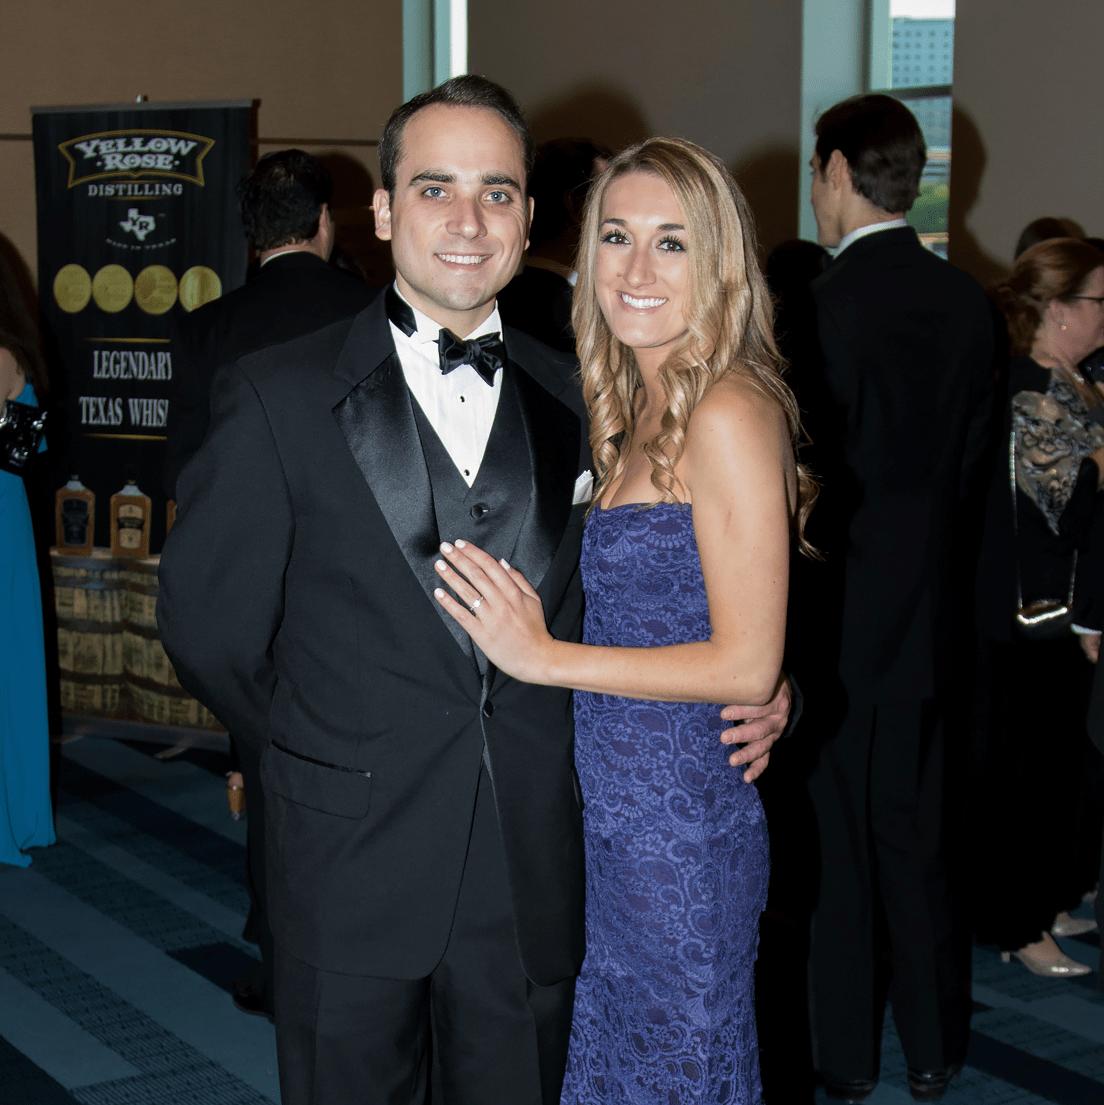 Chris Palamara, Danielle Fuhrman